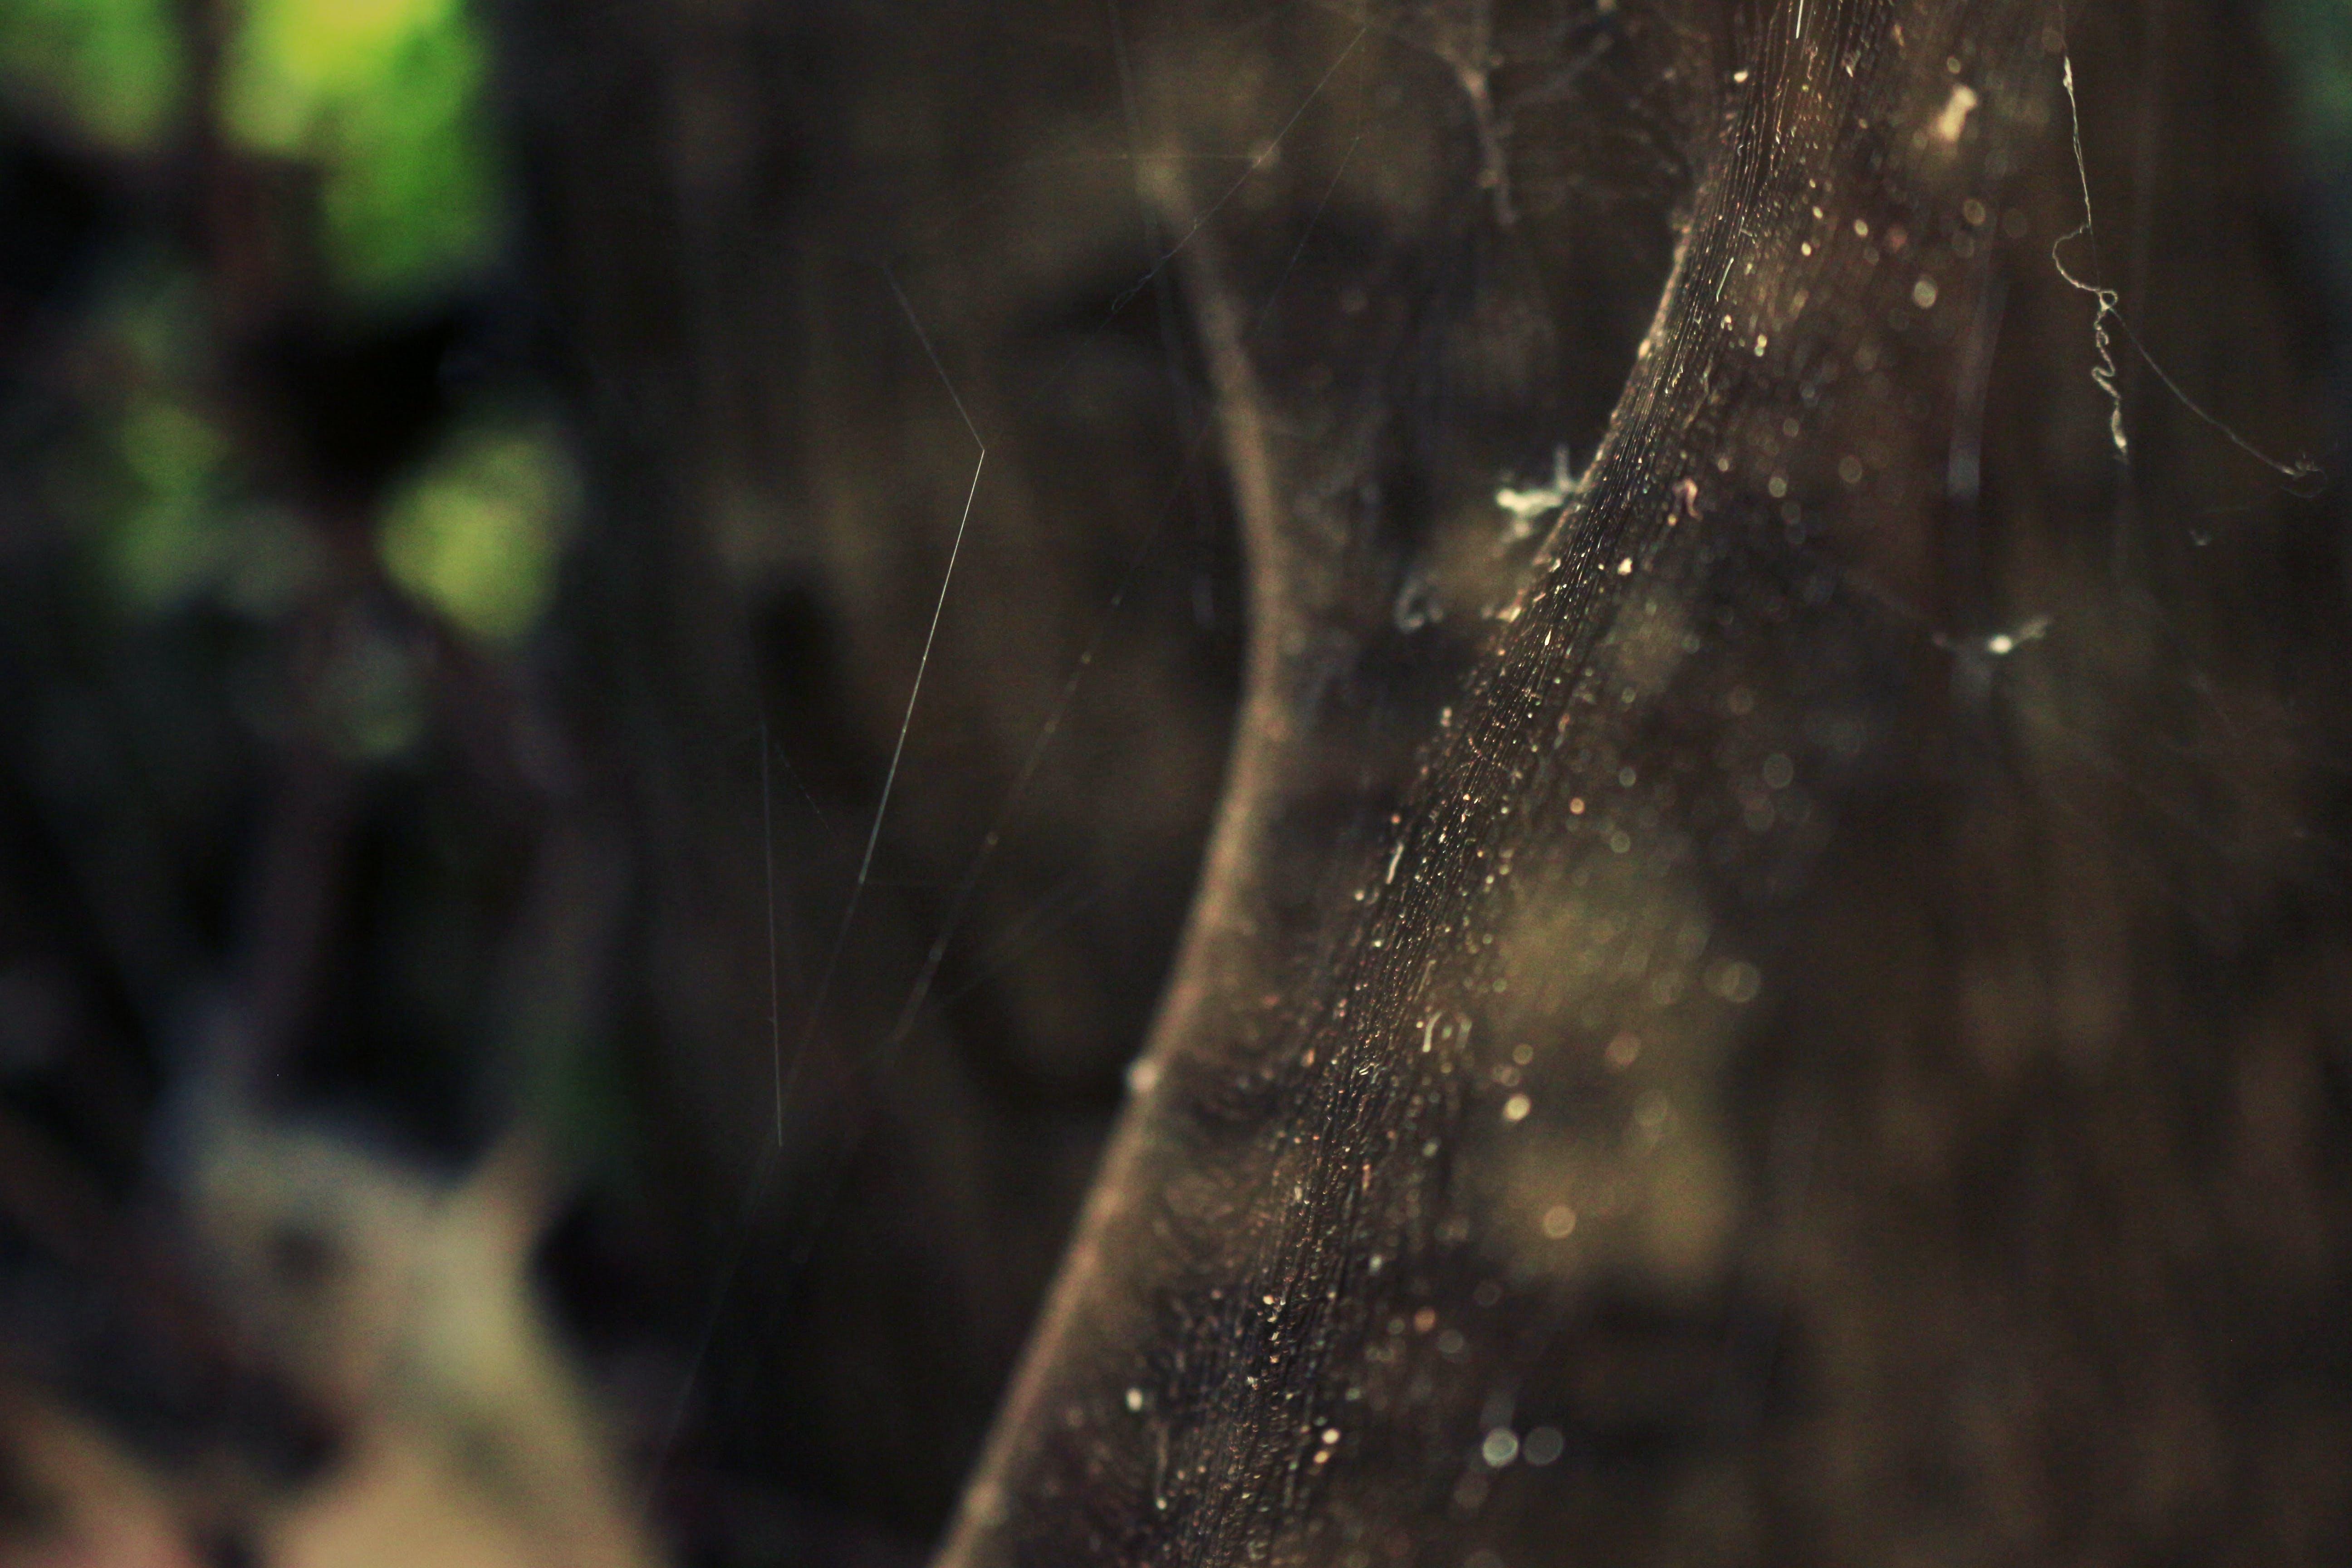 Kostenloses Stock Foto zu insekt, natur, netz, spinne